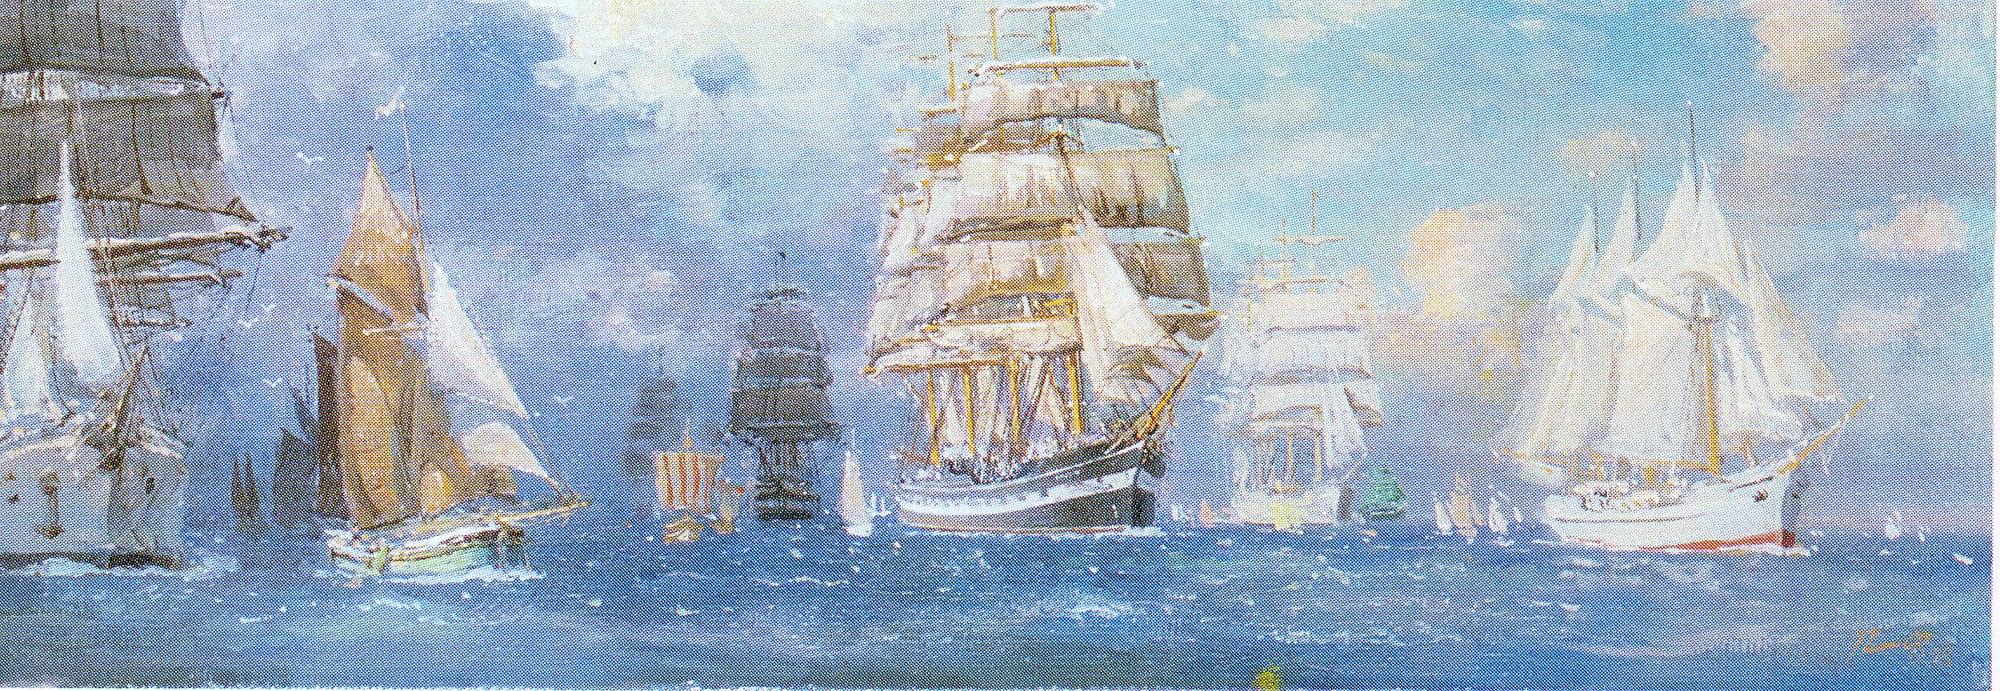 Парусные корабли в море. 1999.jpg